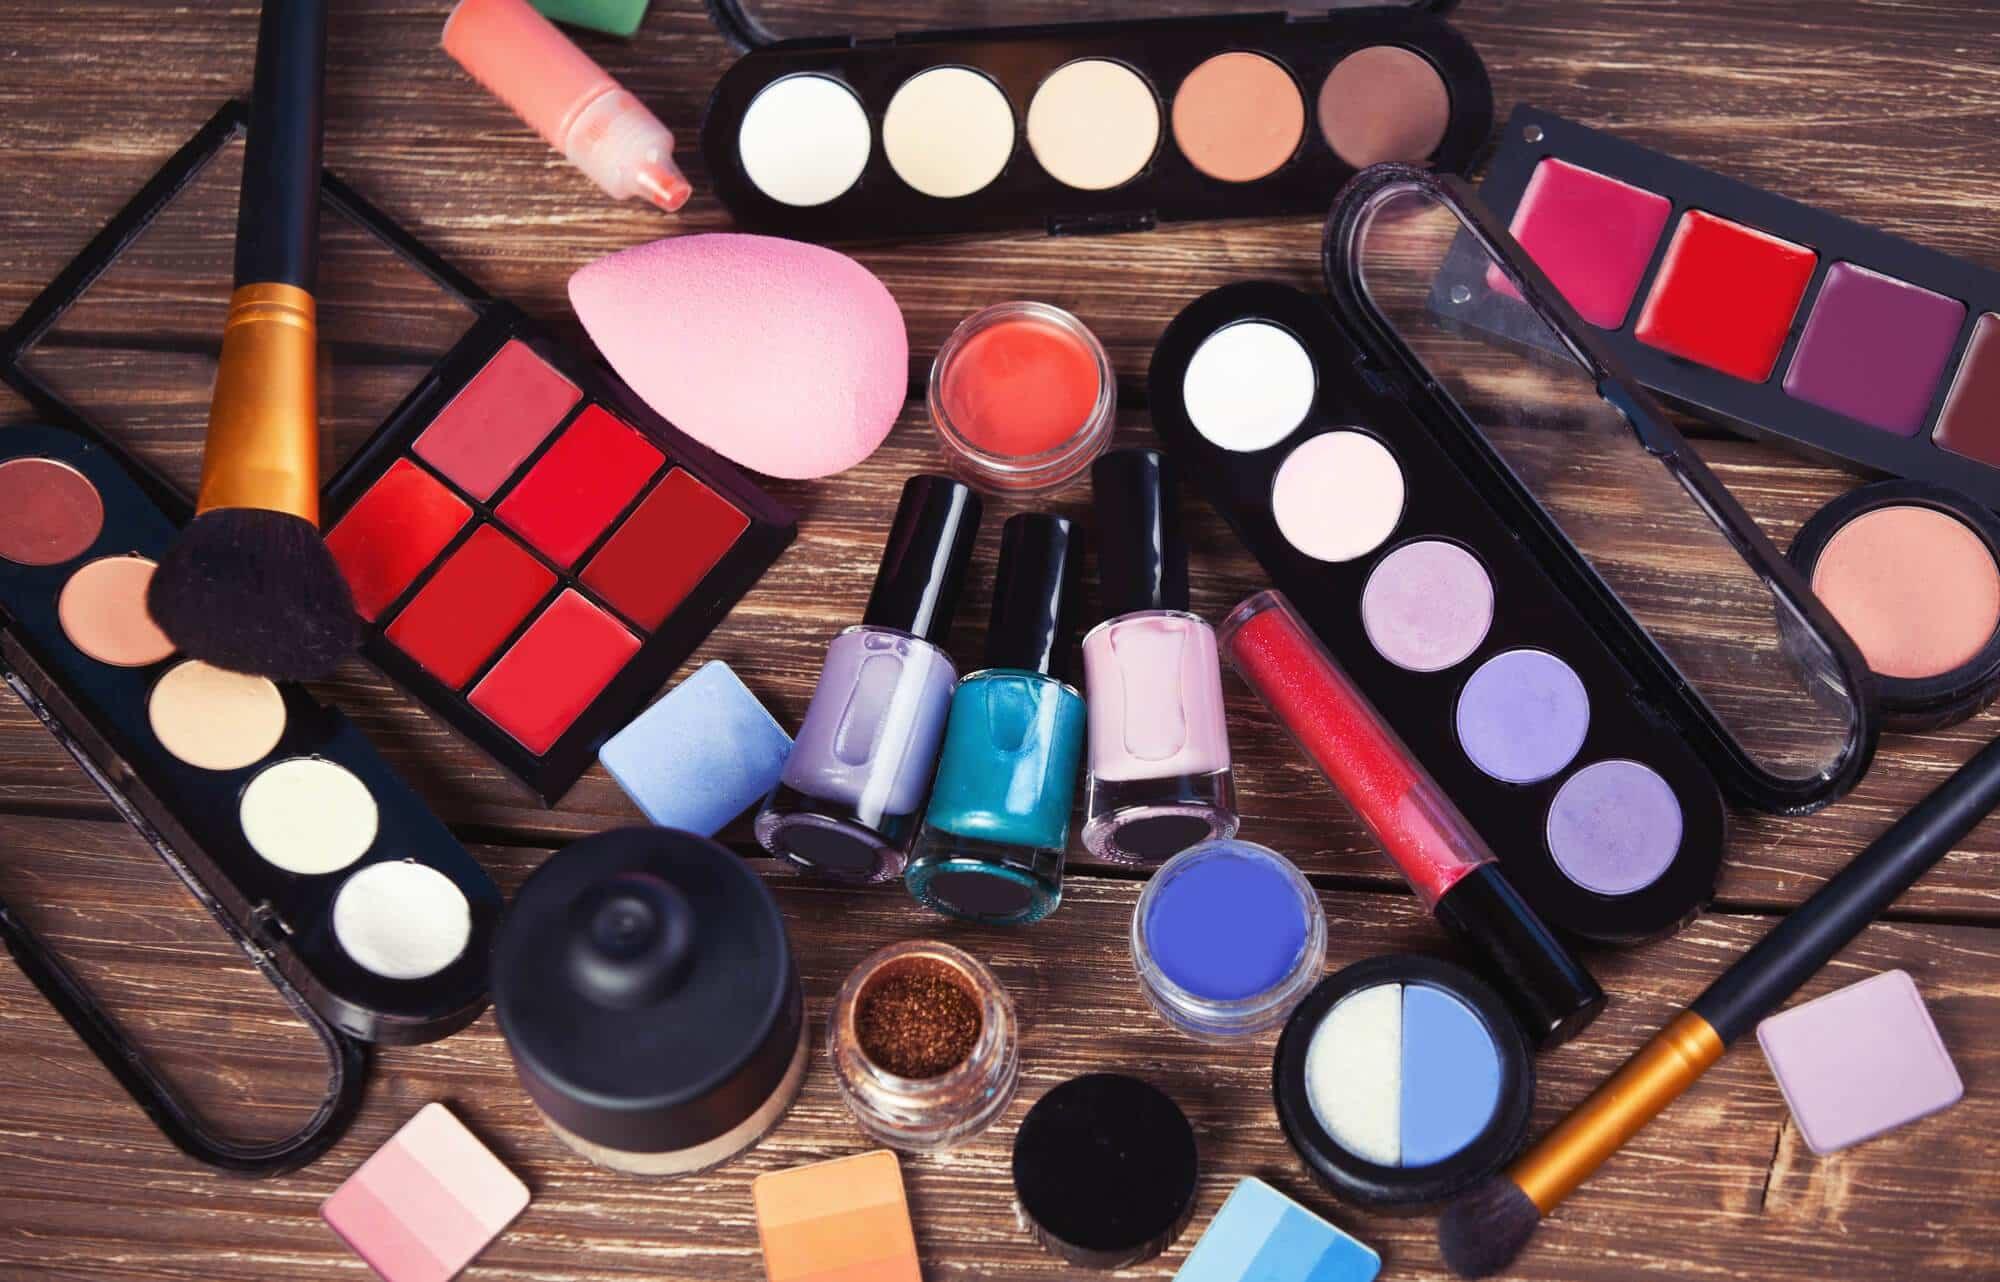 Kolorowe Polskie Kosmetyki Do Makijażu Które Dorównują Kosmetykom